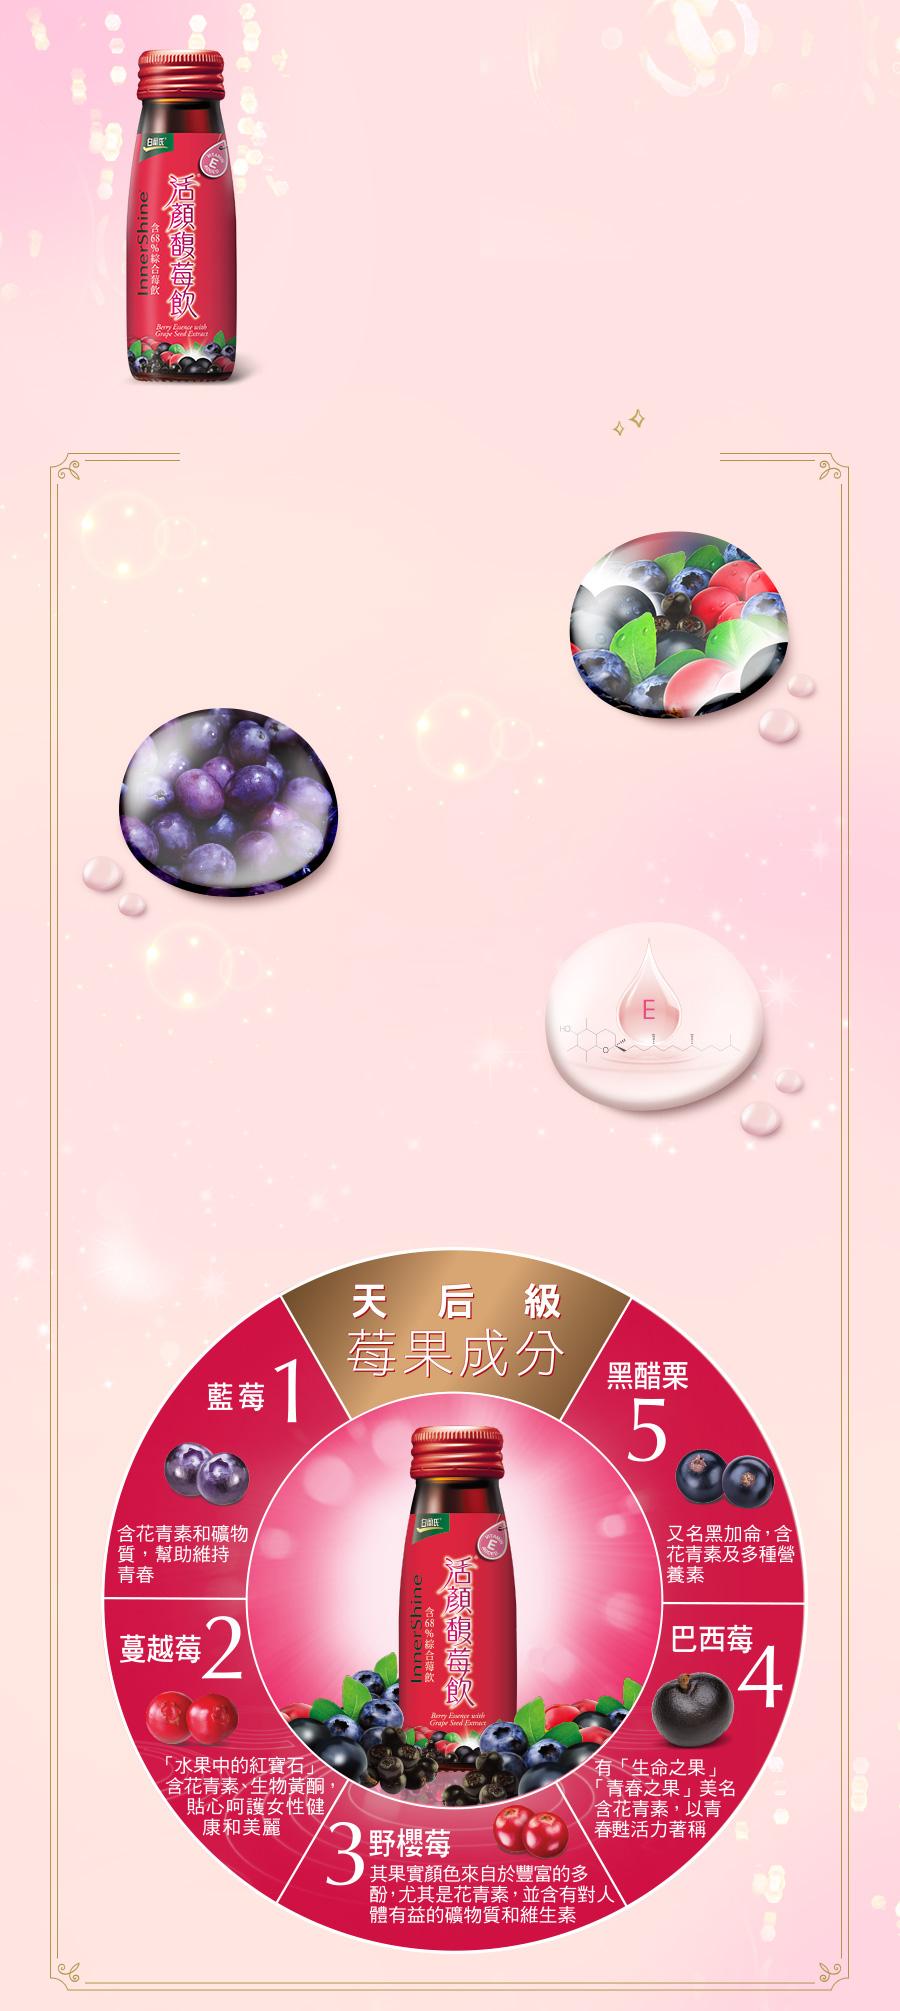 白蘭氏活顏馥莓飲,喚醒美麗能量,展現光彩素顏